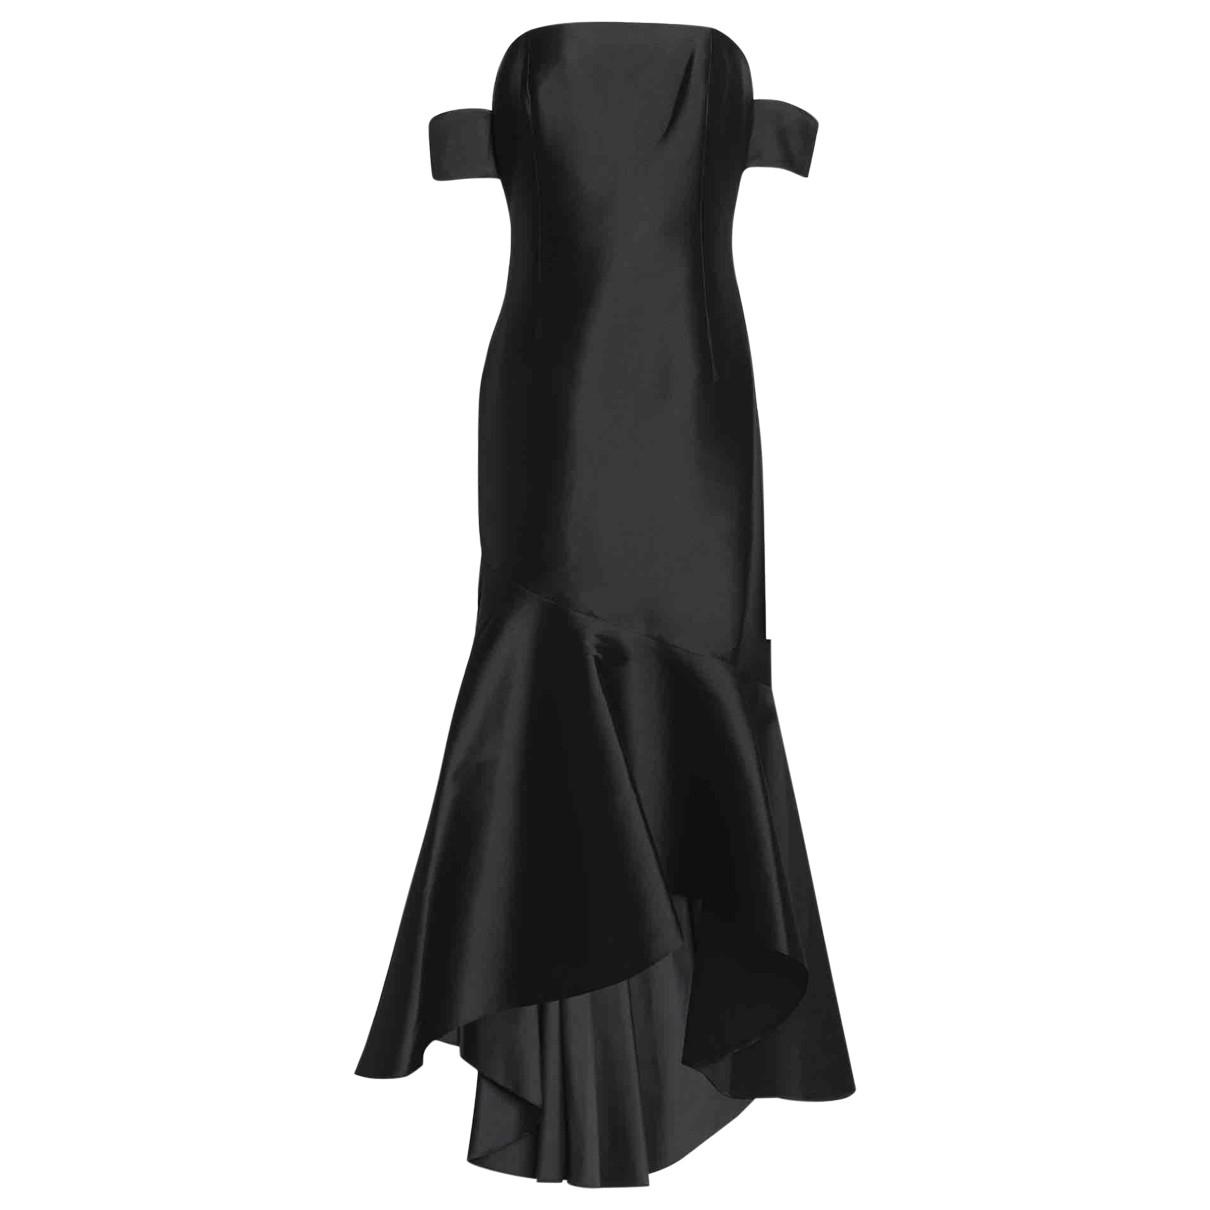 Sachin & Babi \N Kleid in  Schwarz Polyester